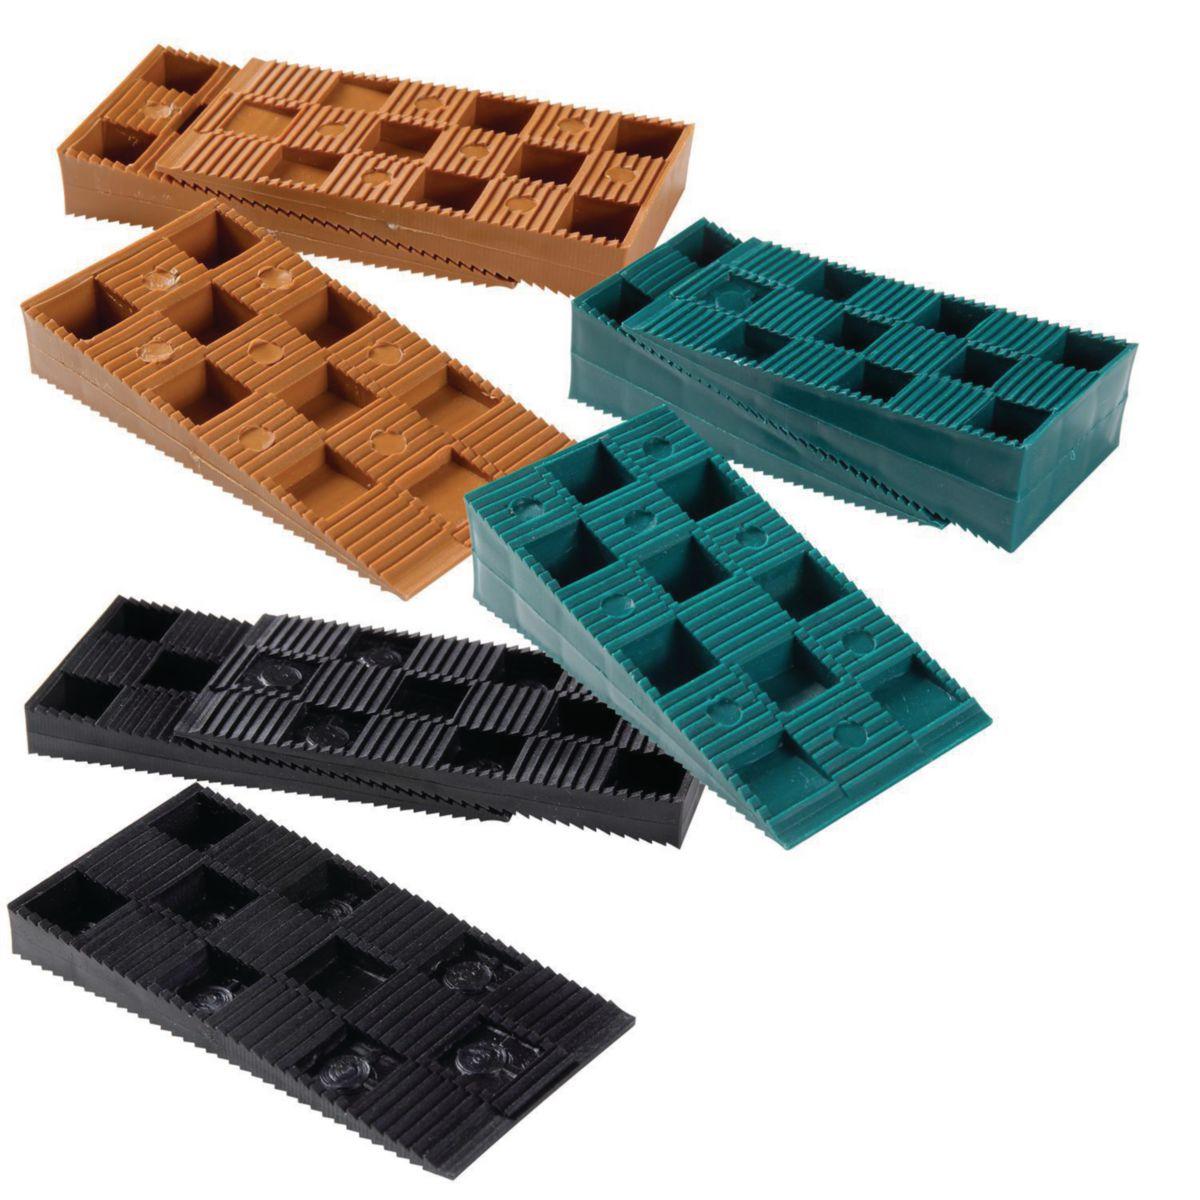 Cales Crantées Mix (3x20 Cales)   NIVO   Terrasse   Bois Panneaux  Menuiseries   Dispano Idees